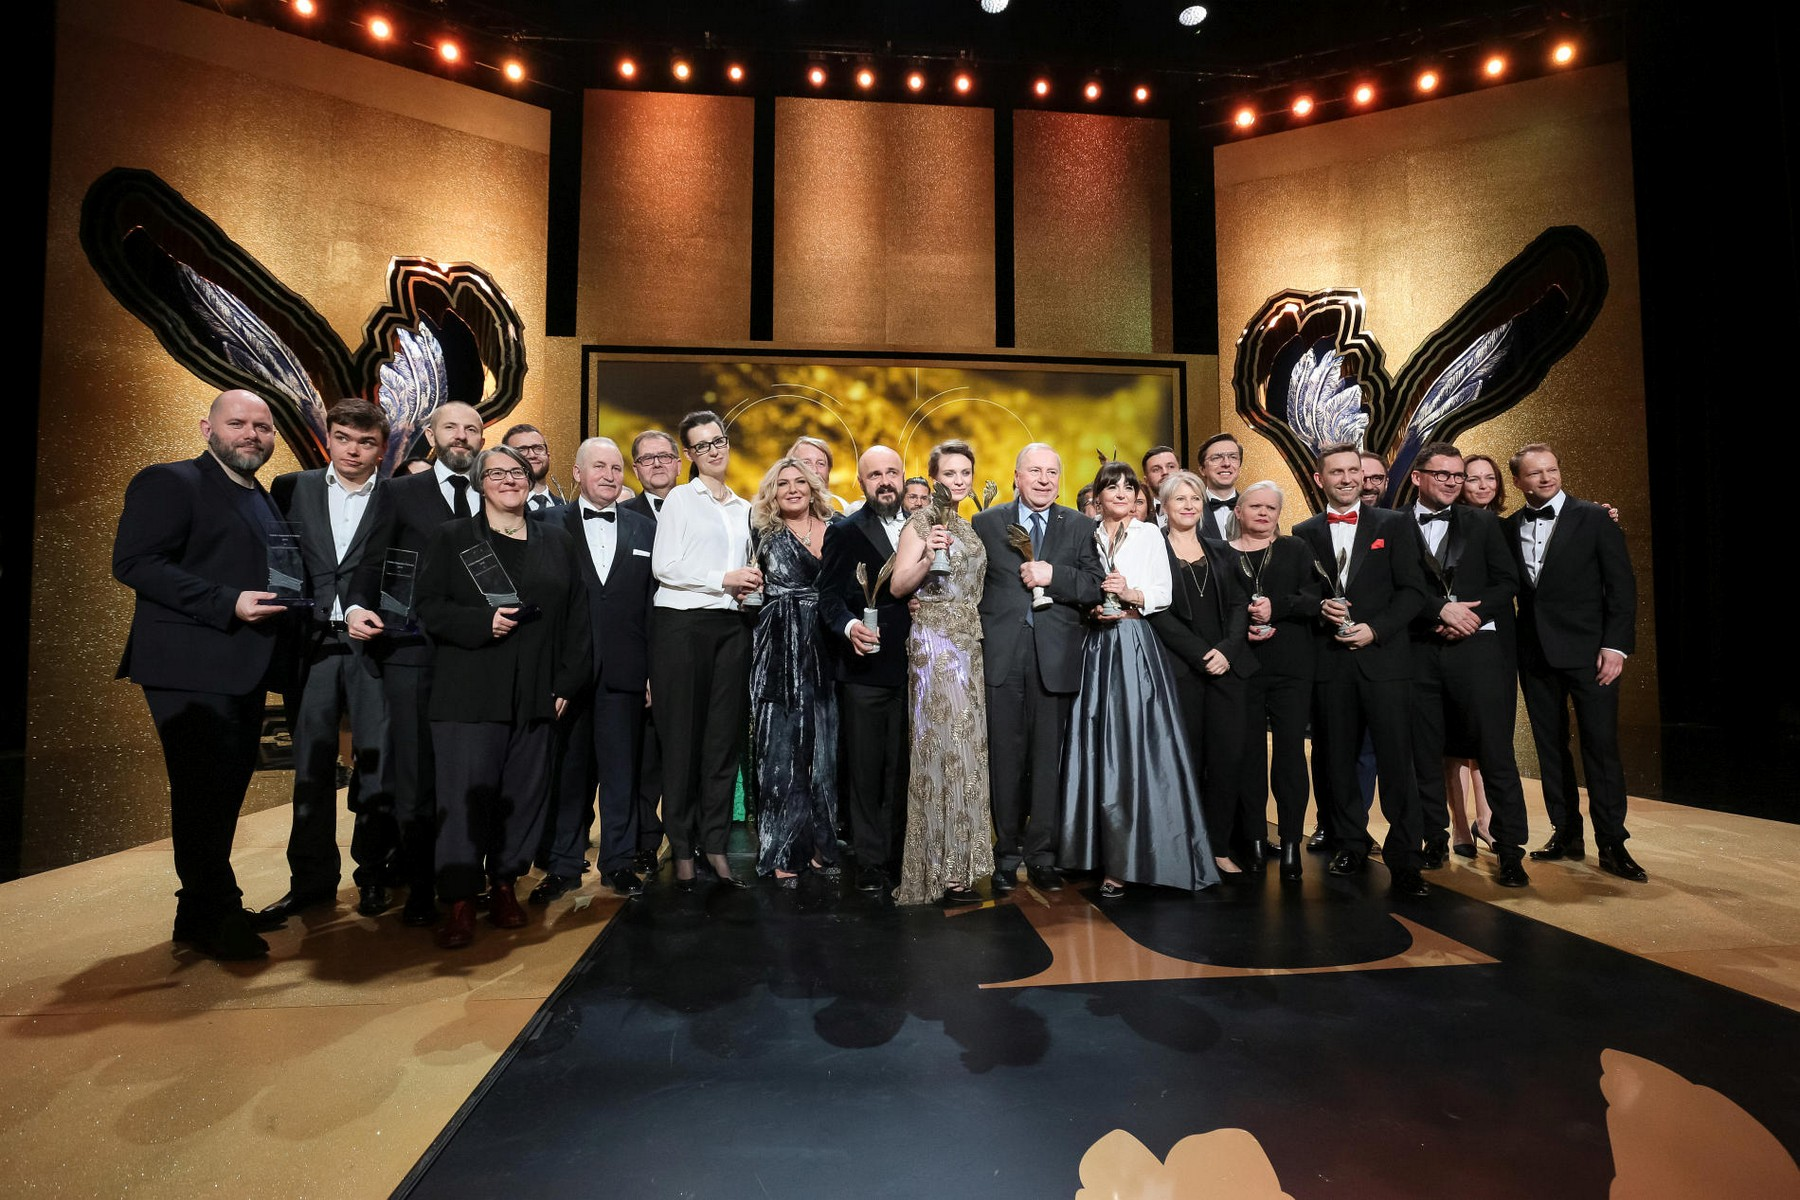 Polskie Nagrody Filmowe Orły 2018, fot. Przemysław Blechman/PwC (źródło: materiały prasowe organizatora)